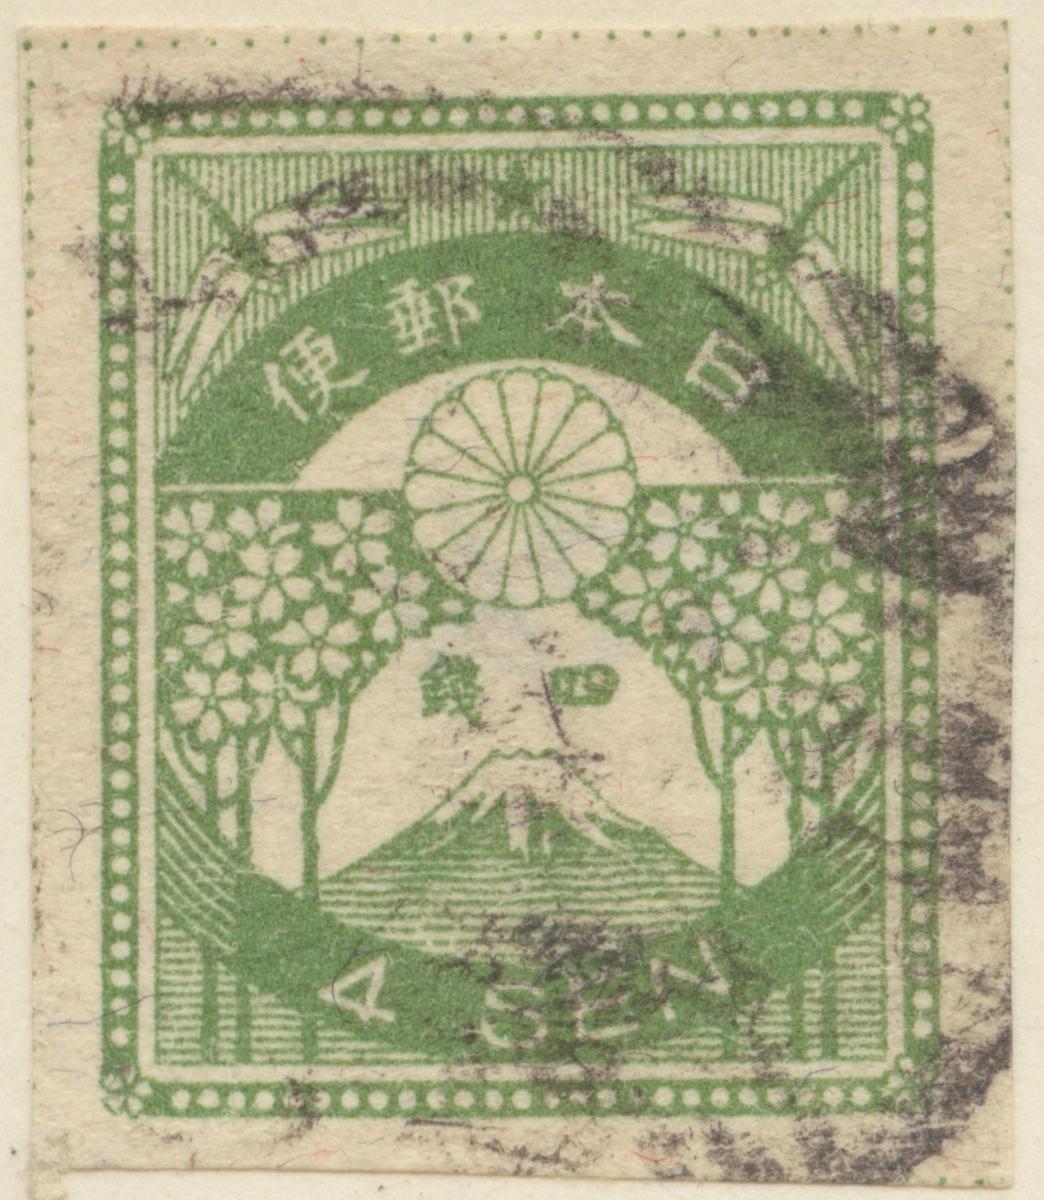 Frimärke ur Gösta Bodmans filatelistiska motivsamling, påbörjad 1950. Frimärke från Japan, 1923 Motiv av blommande körsbärsträd och stiliserad krysantemum vid Fusijamaberget.